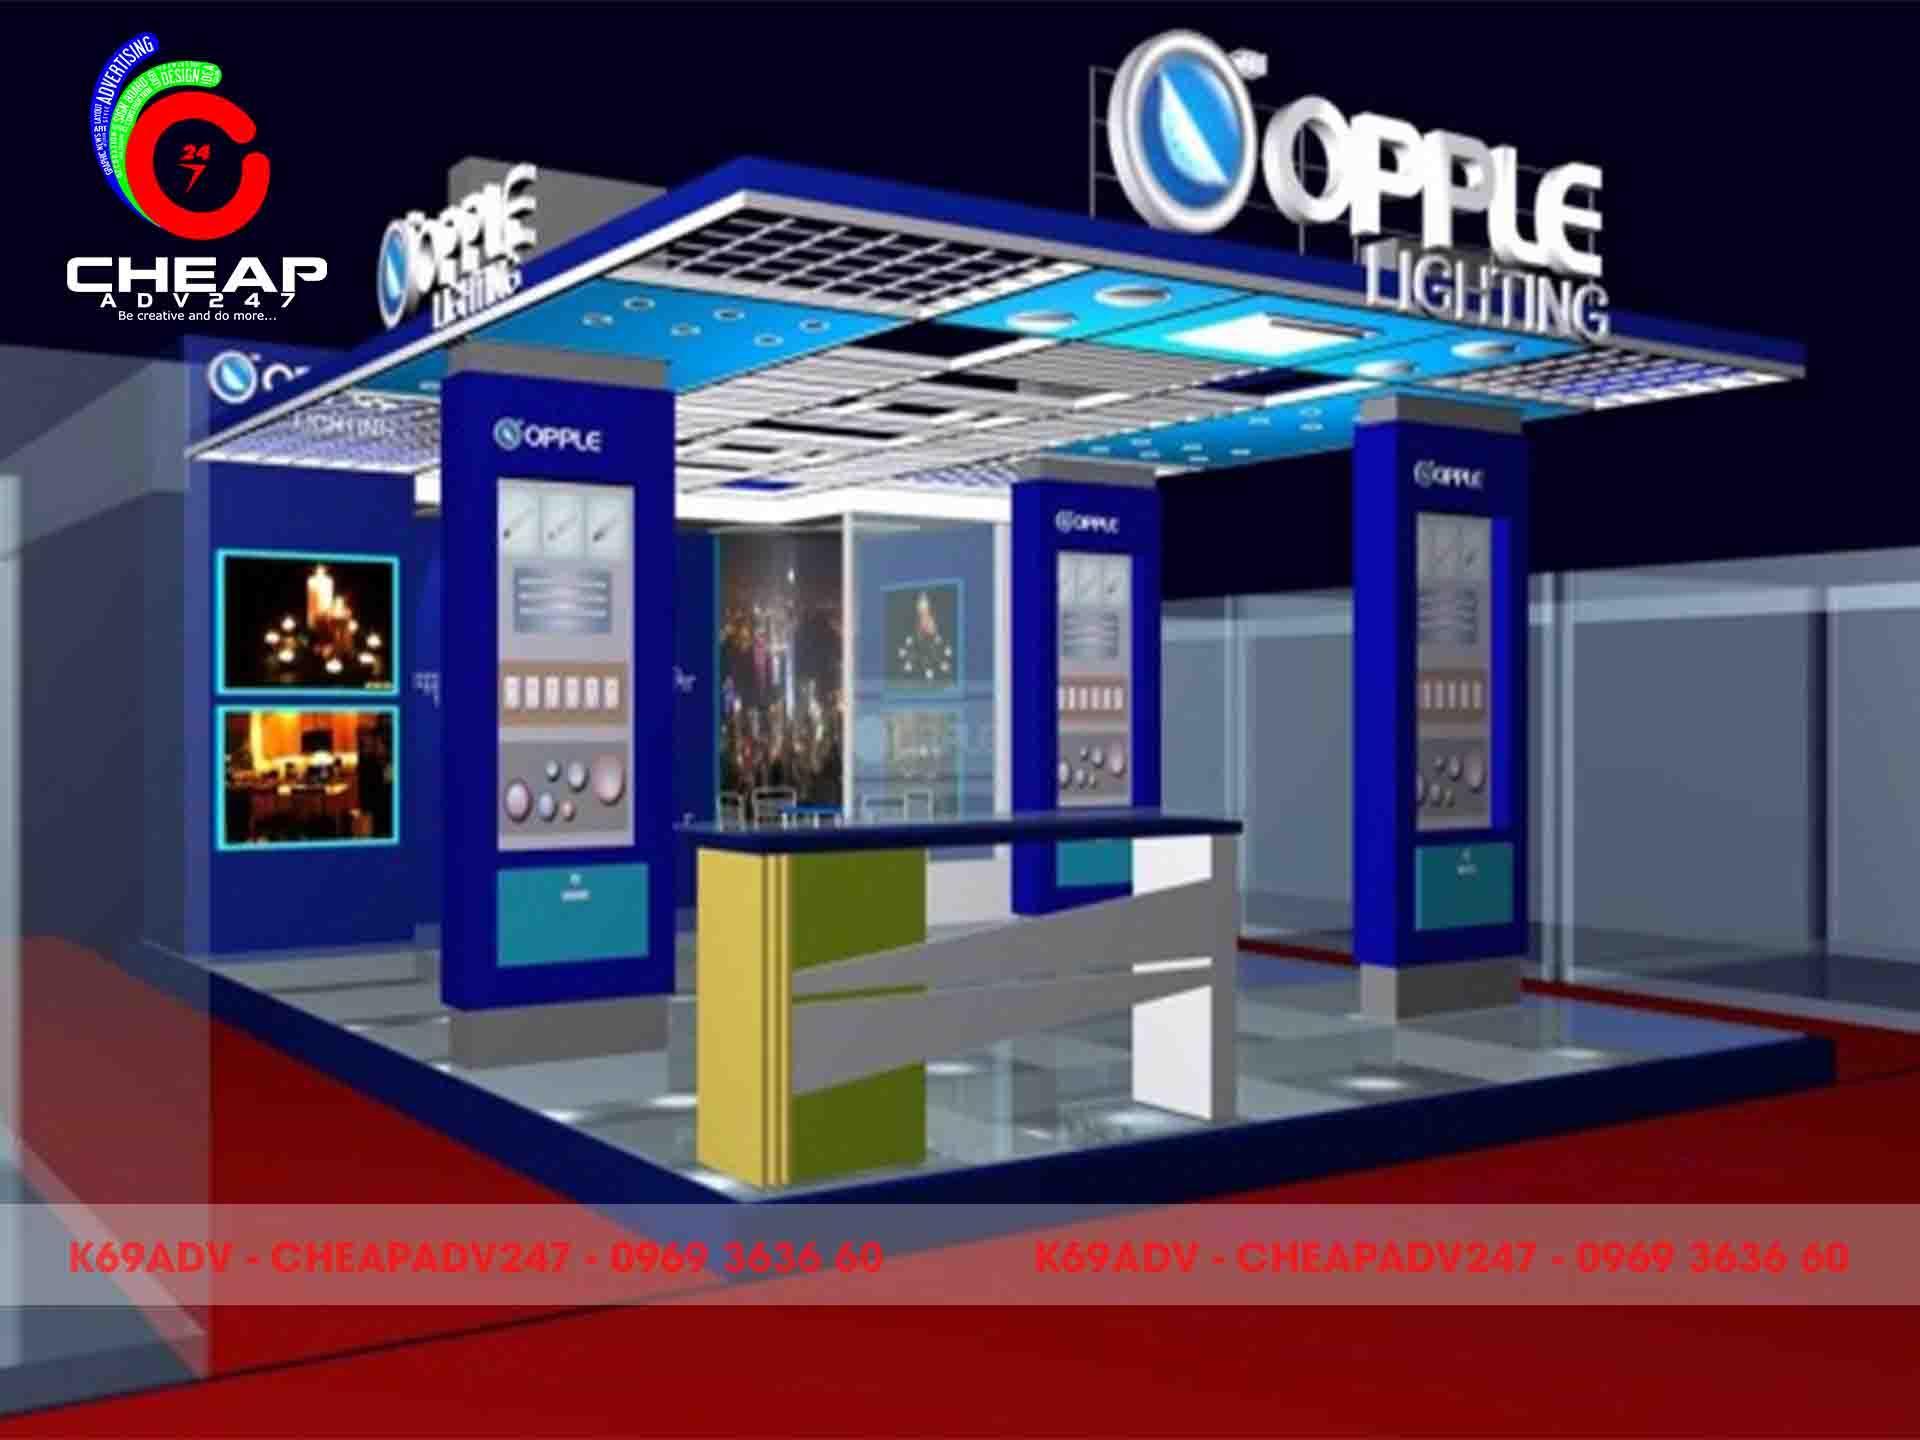 Thiết kế thi công gian hàng triển lãm tại Cheapadv247